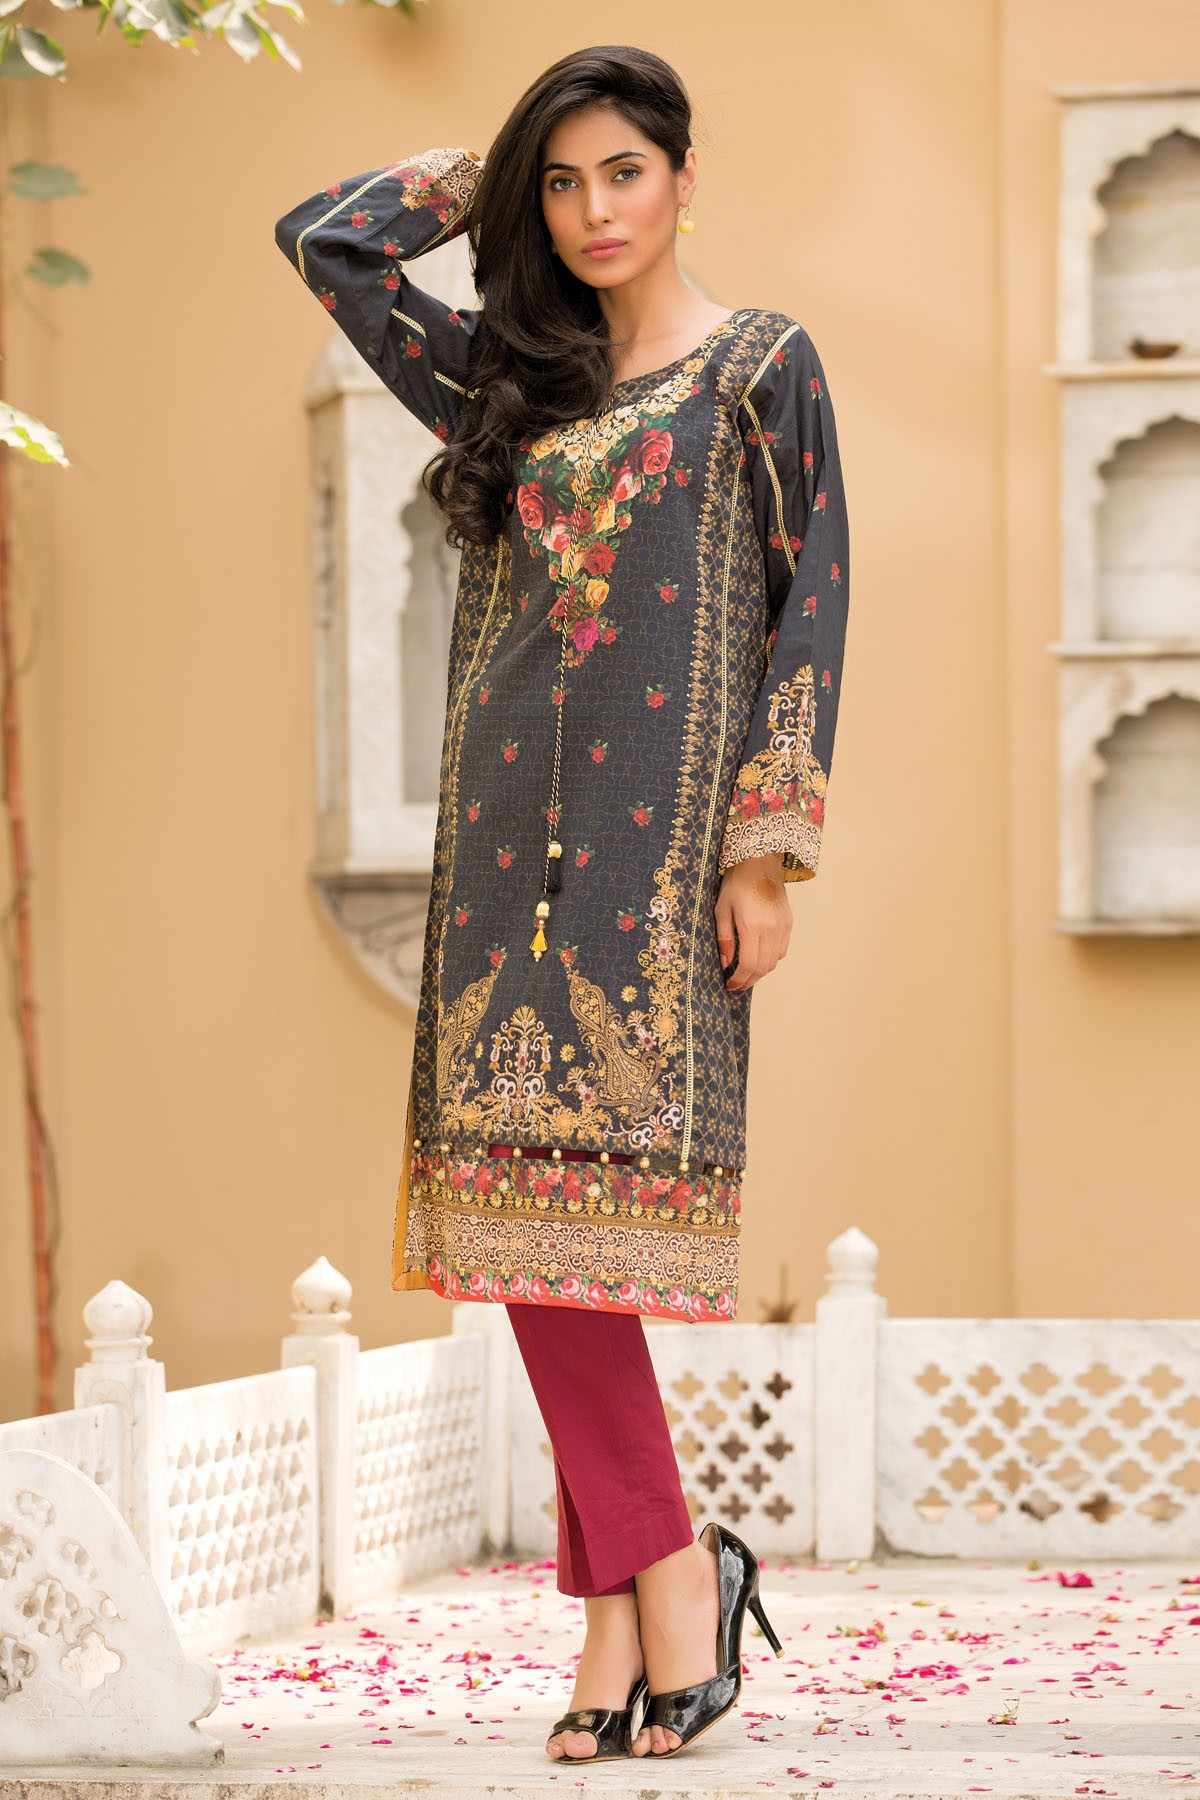 Kayseria Latest Winter Prints Best Shawls Dresses 2014: Kayseria Pret & Printed Dresses Pure Spirit Eid 2016-2017